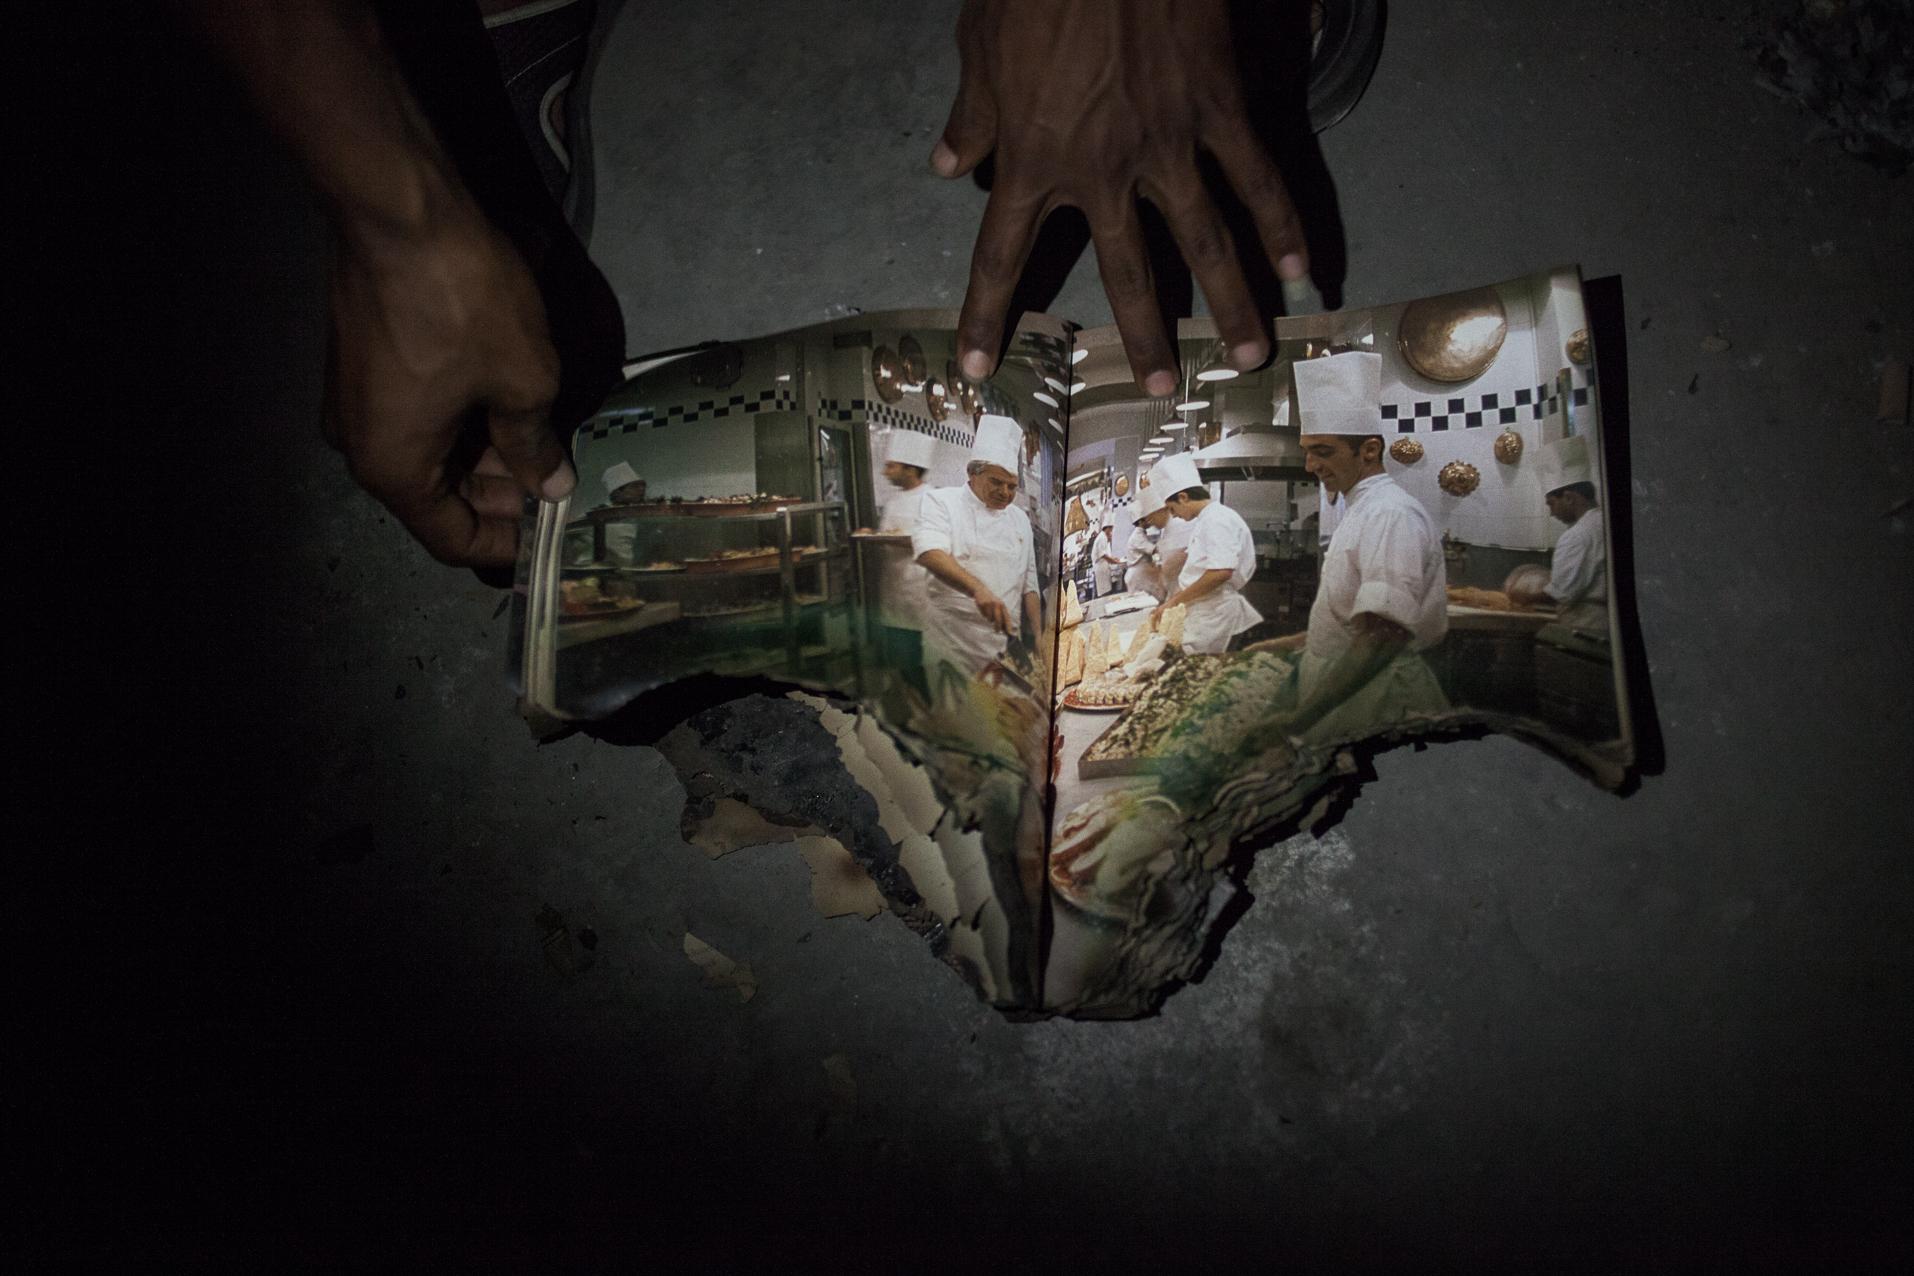 Tripoli, Libye, 27 Juin 2012. Bab-al-Azizia, ancien bastion de Kadhafi au centre de Tripoli. Dans les nombreux souterrains du complexe, on retrouve encore des vestiges du régime. Même après le pillage systématique et la destruction de nombreux bâtiments.  Tripoli, Libya, June 27, 2012. Bab al-Azizia, Gaddafi's former stronghold in central Tripoli. In numerous tunnels of the complex, there are still remnants of the regime. Even after the systematic looting and destruction of many buildings.